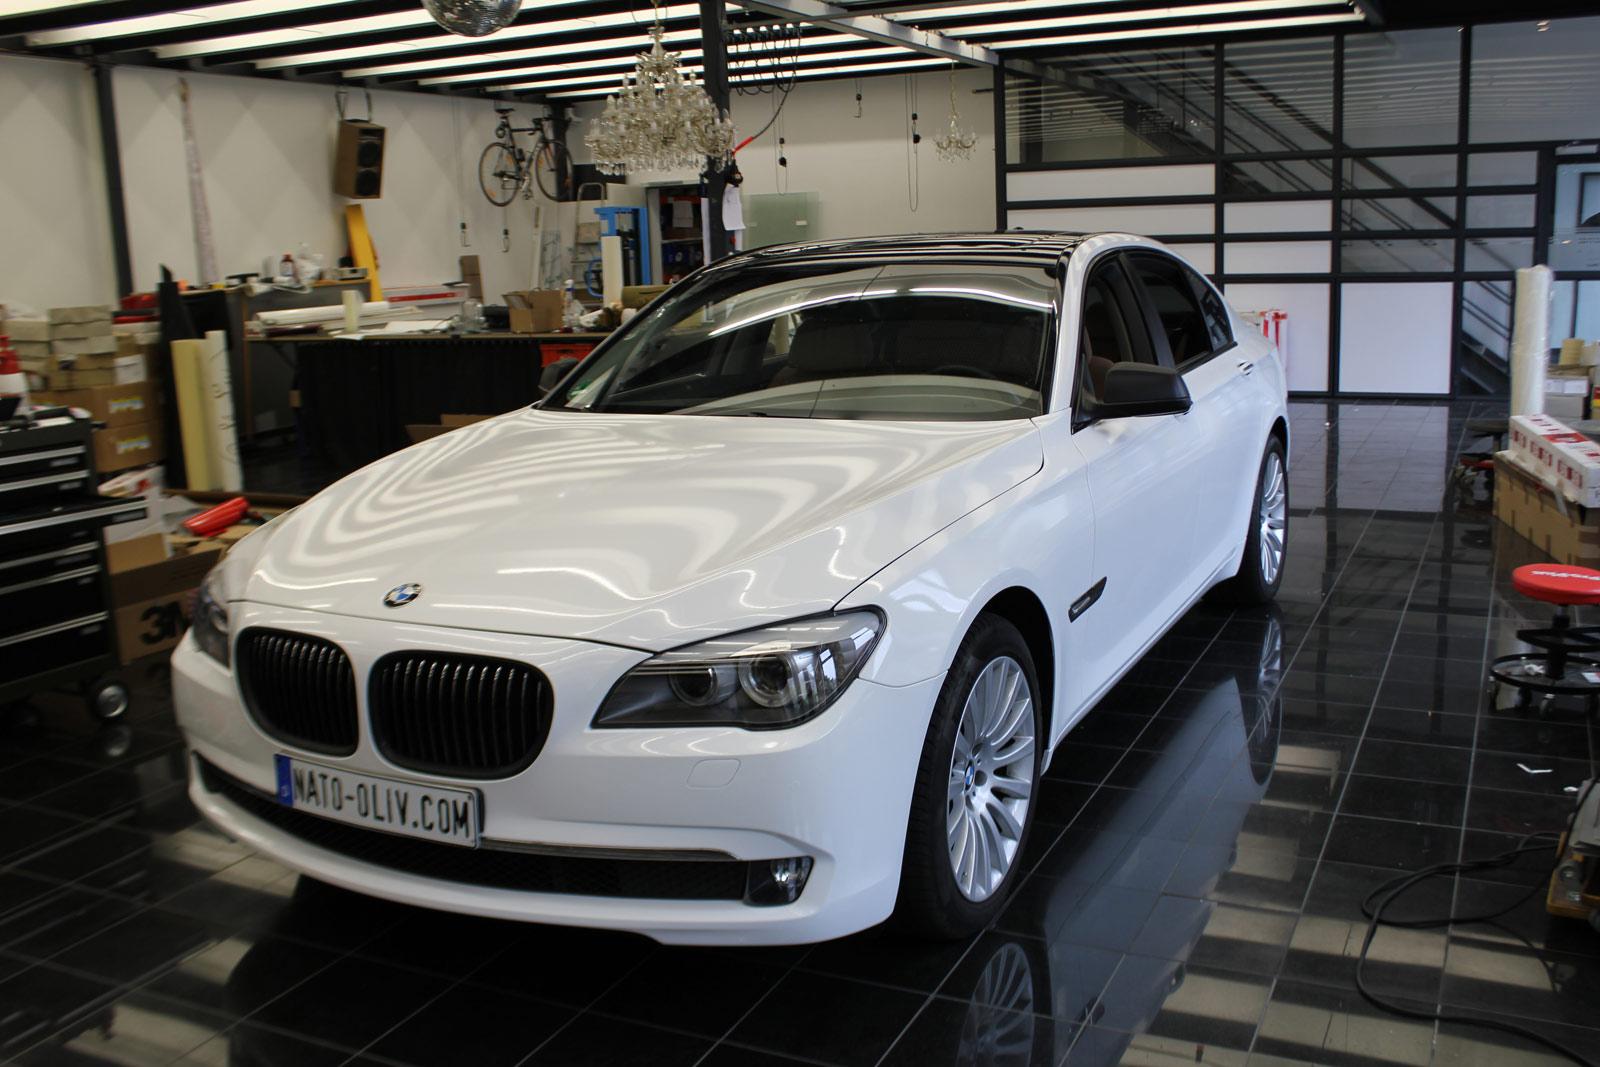 BMW_7er_Folierung_Weiss_Metallic_Schwarz_Glanz_36